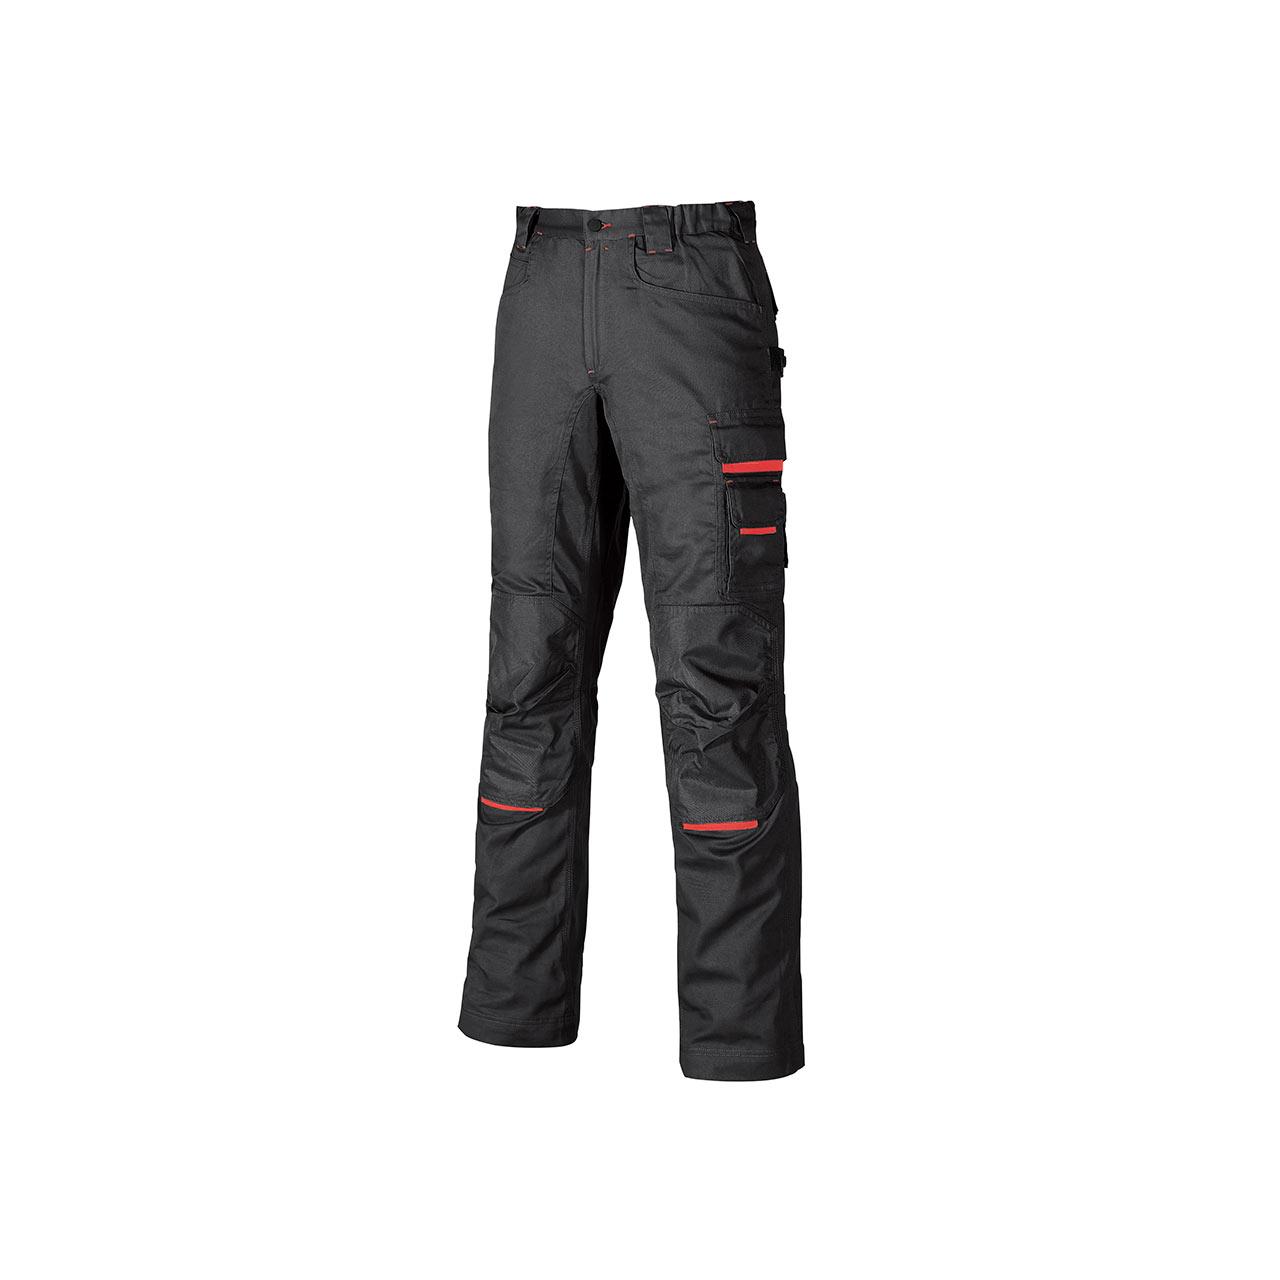 pantalone da lavoro upower modello nimble colore grey m